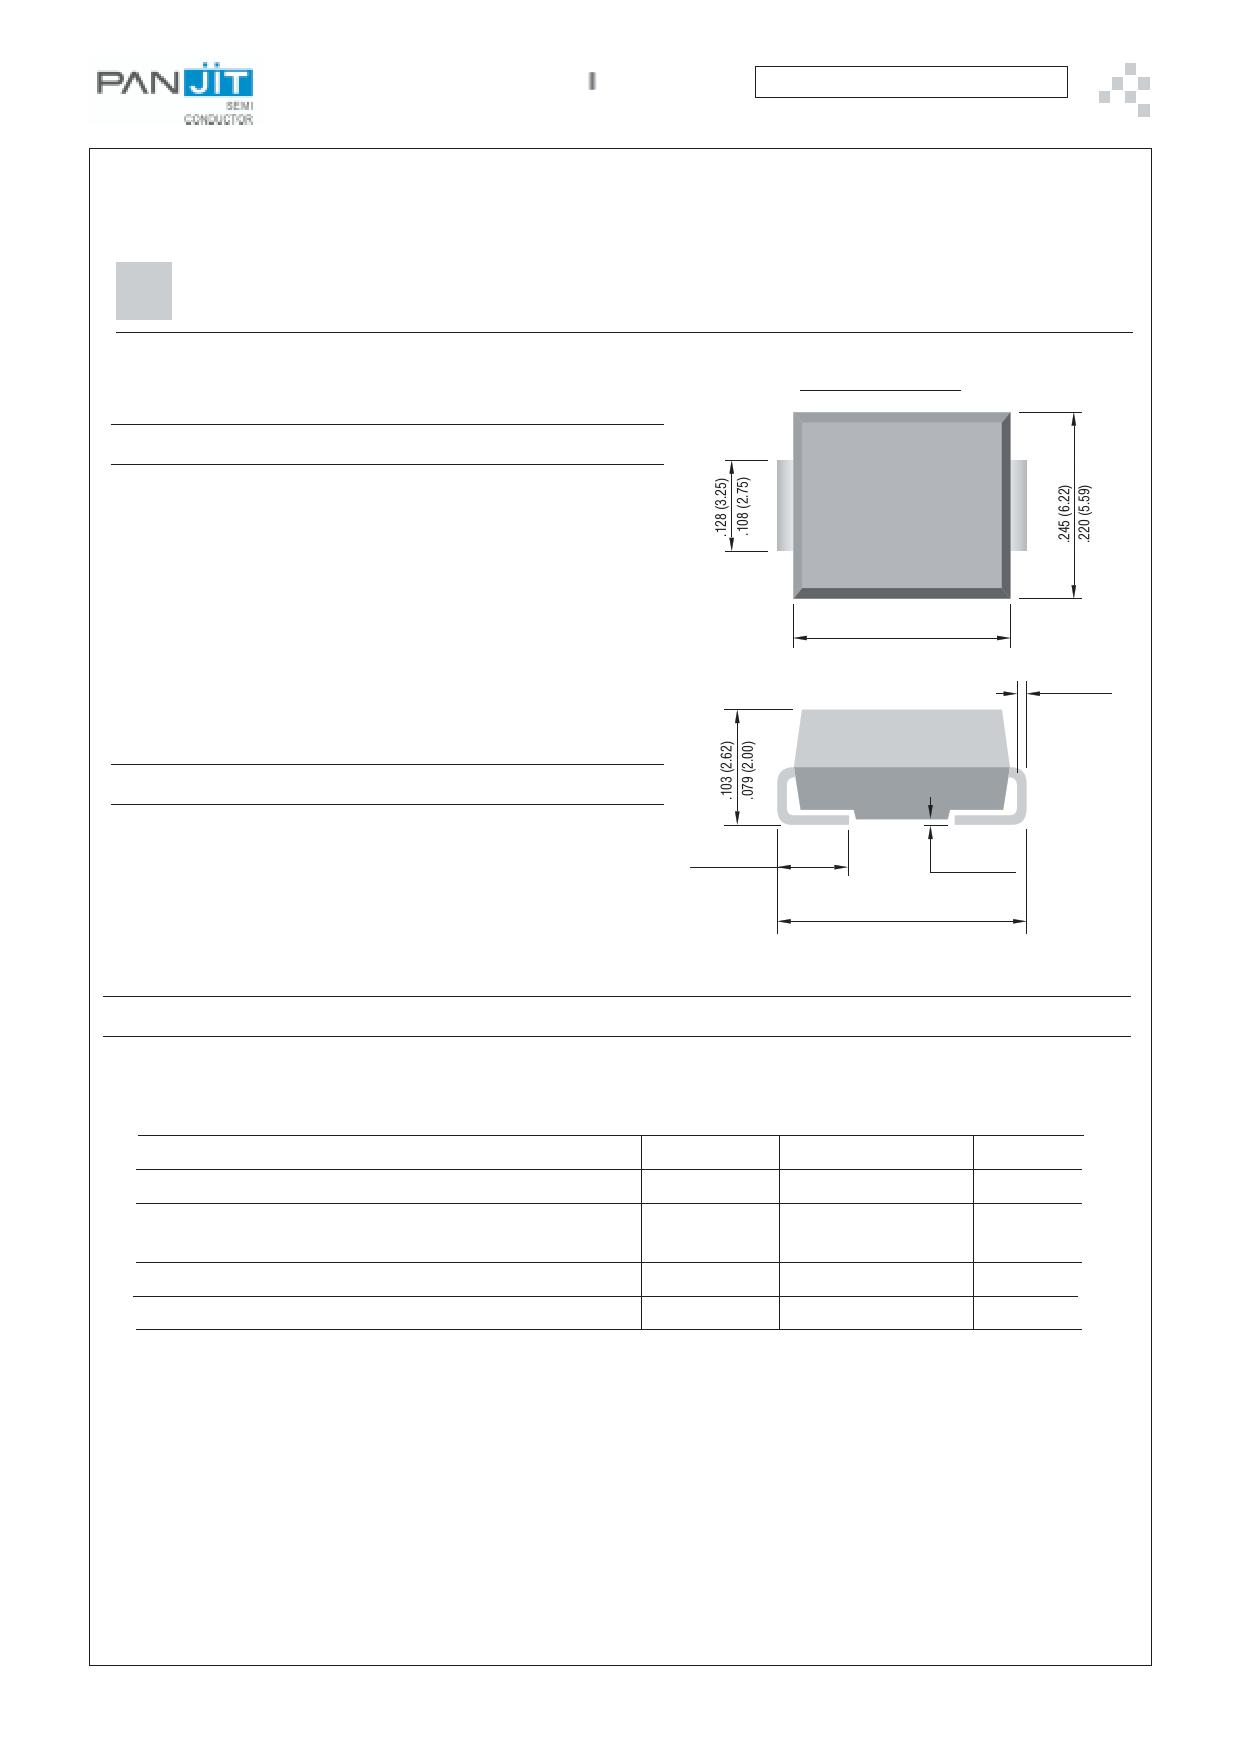 3.0SMCJ22C Datasheet, 3.0SMCJ22C PDF,ピン配置, 機能